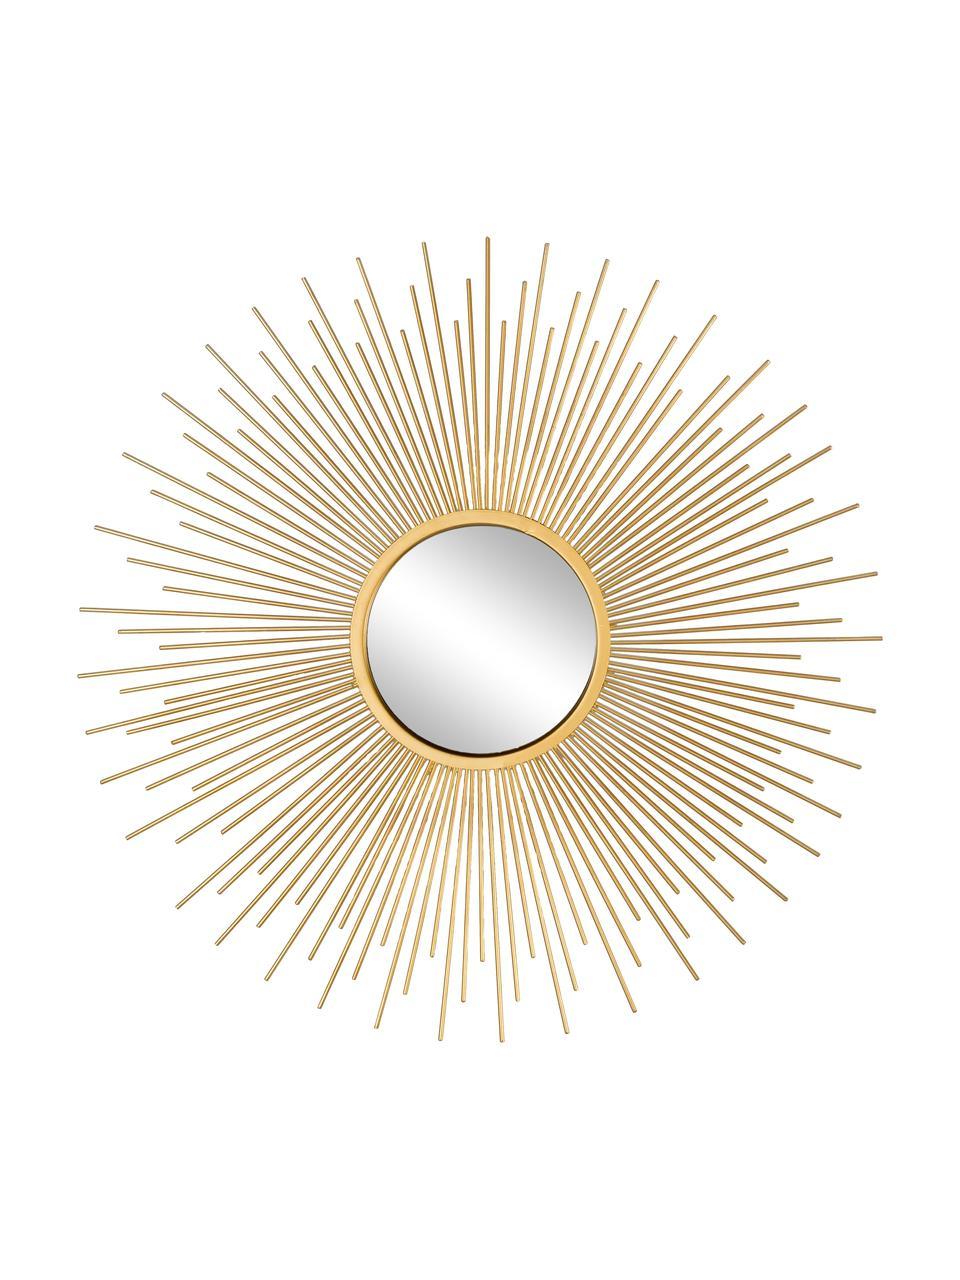 Set specchi da parete Sun 3 pz, Cornice: alluminio rivestito, Superficie dello specchio: lastra di vetro, Dorato, Set in varie misure